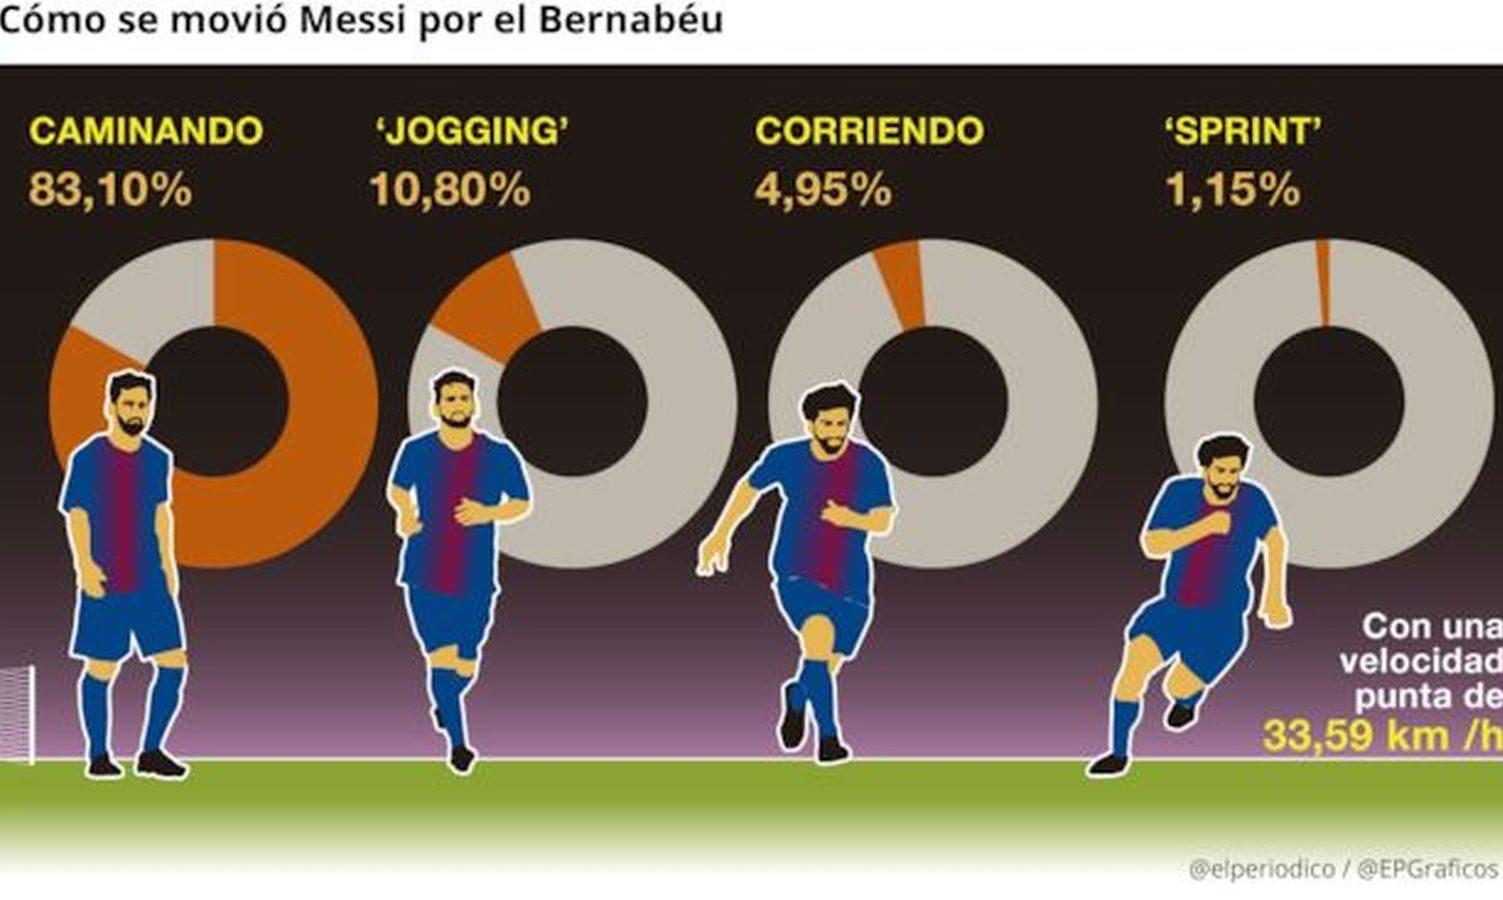 Il Barcellona zittisce il Bernabeu: Real ko per 3-0 ea -14